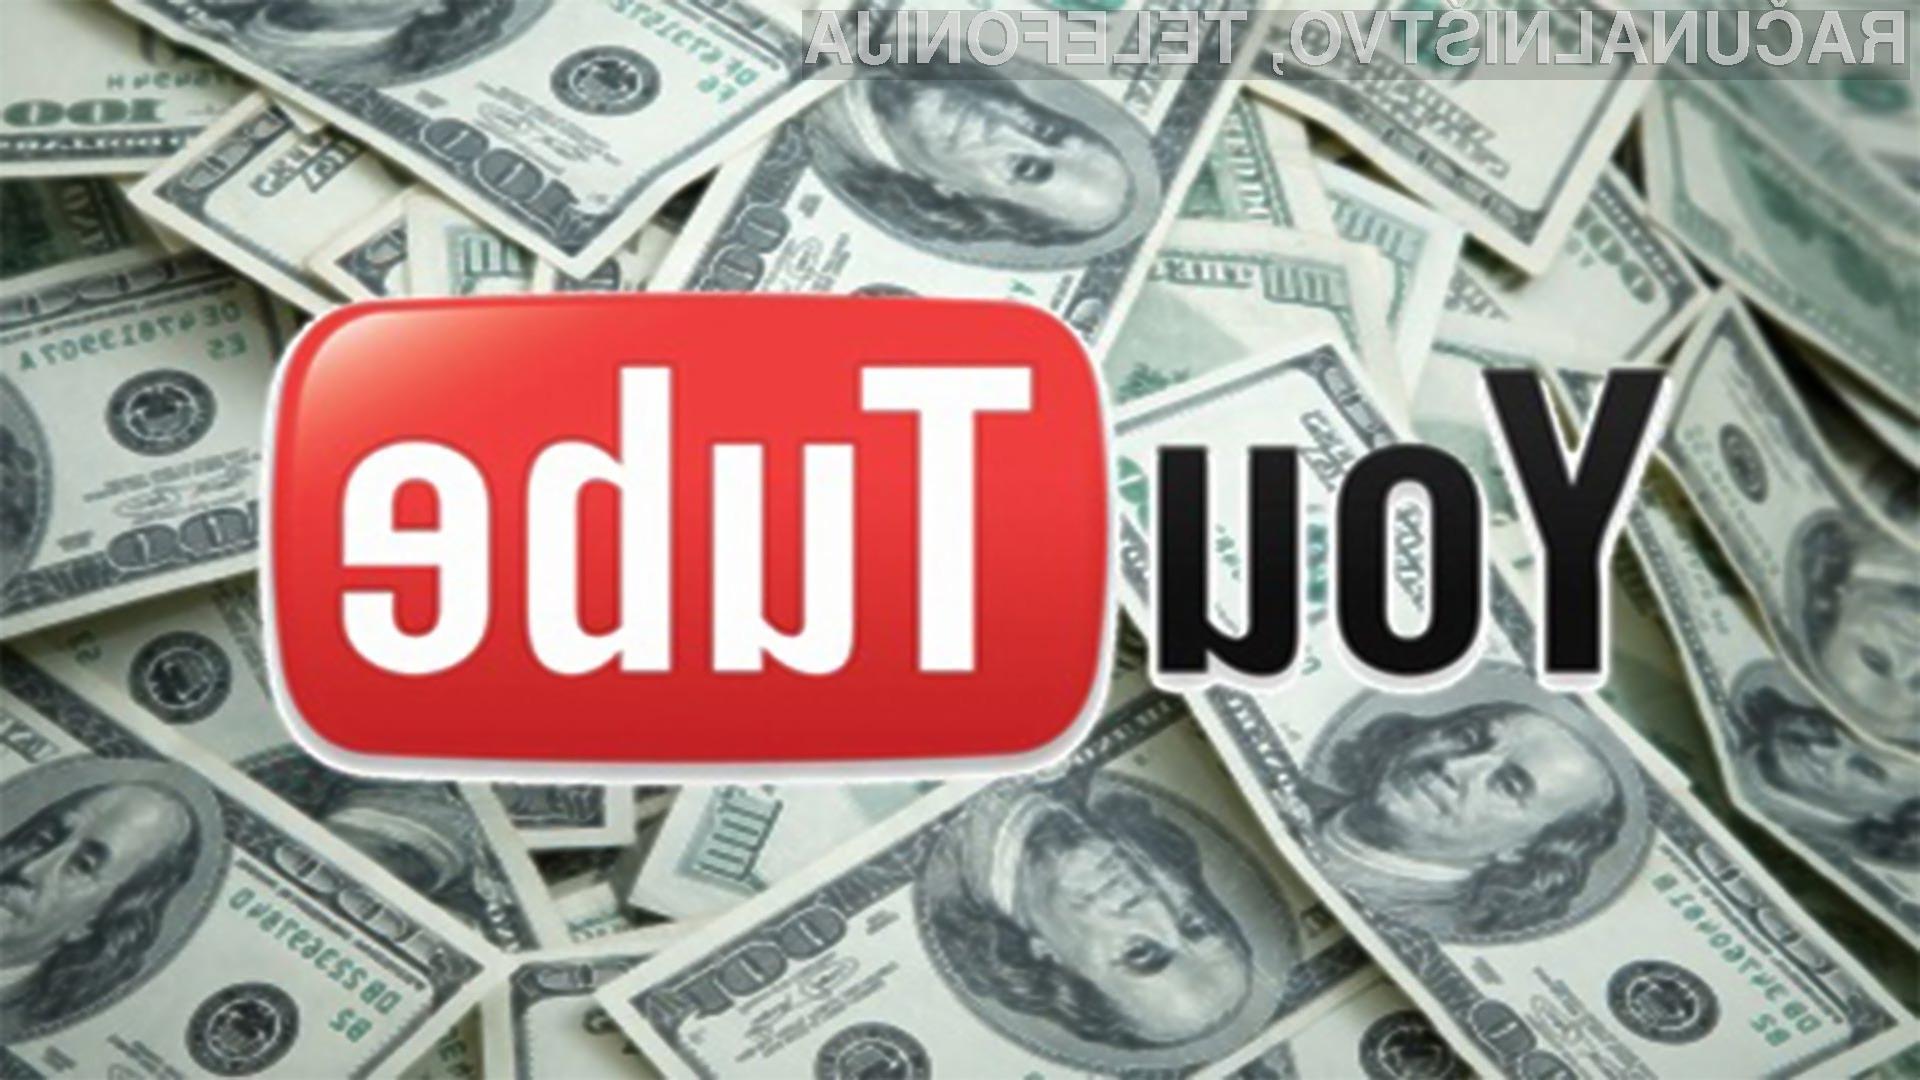 V zameno za plačilo bomo lahko predvajali videoposnetke na spletnem portalu YouTube brez nadležnih reklamnih oglasov.